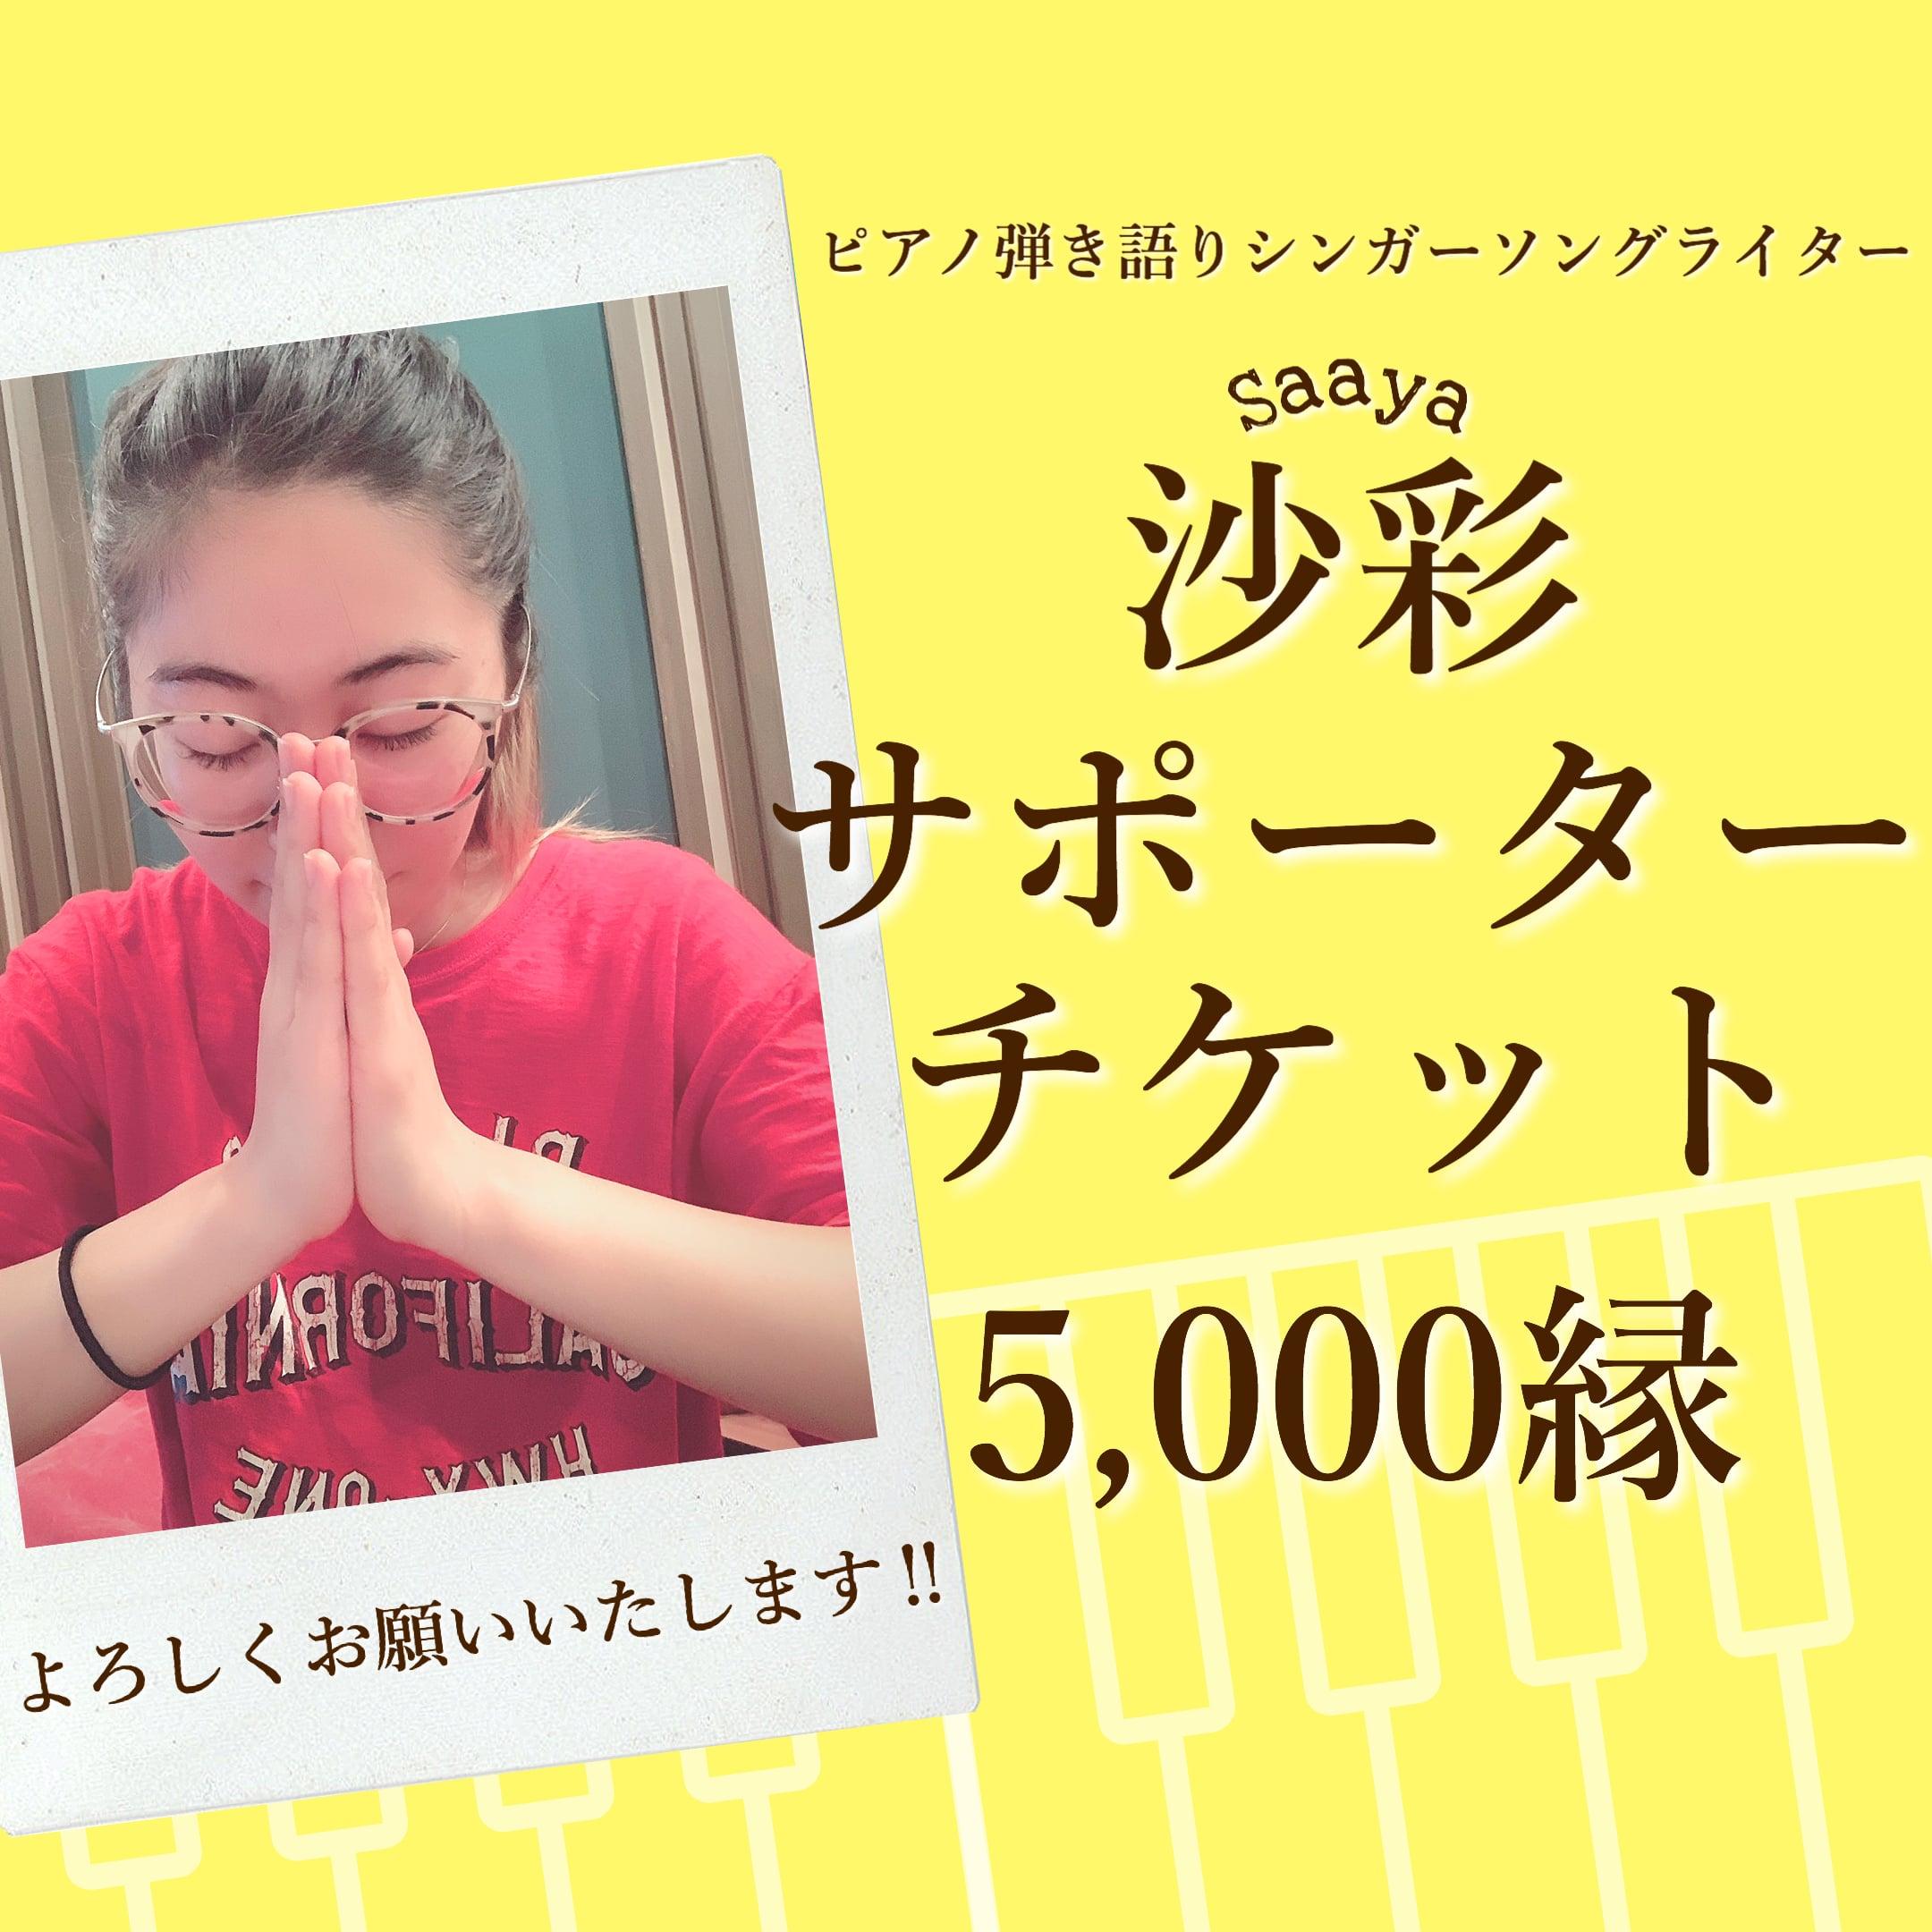 沖縄発‼︎ピアノ引き語りシンガーソングライター沙彩*Saayaサポーターチケット5,000縁のイメージその1